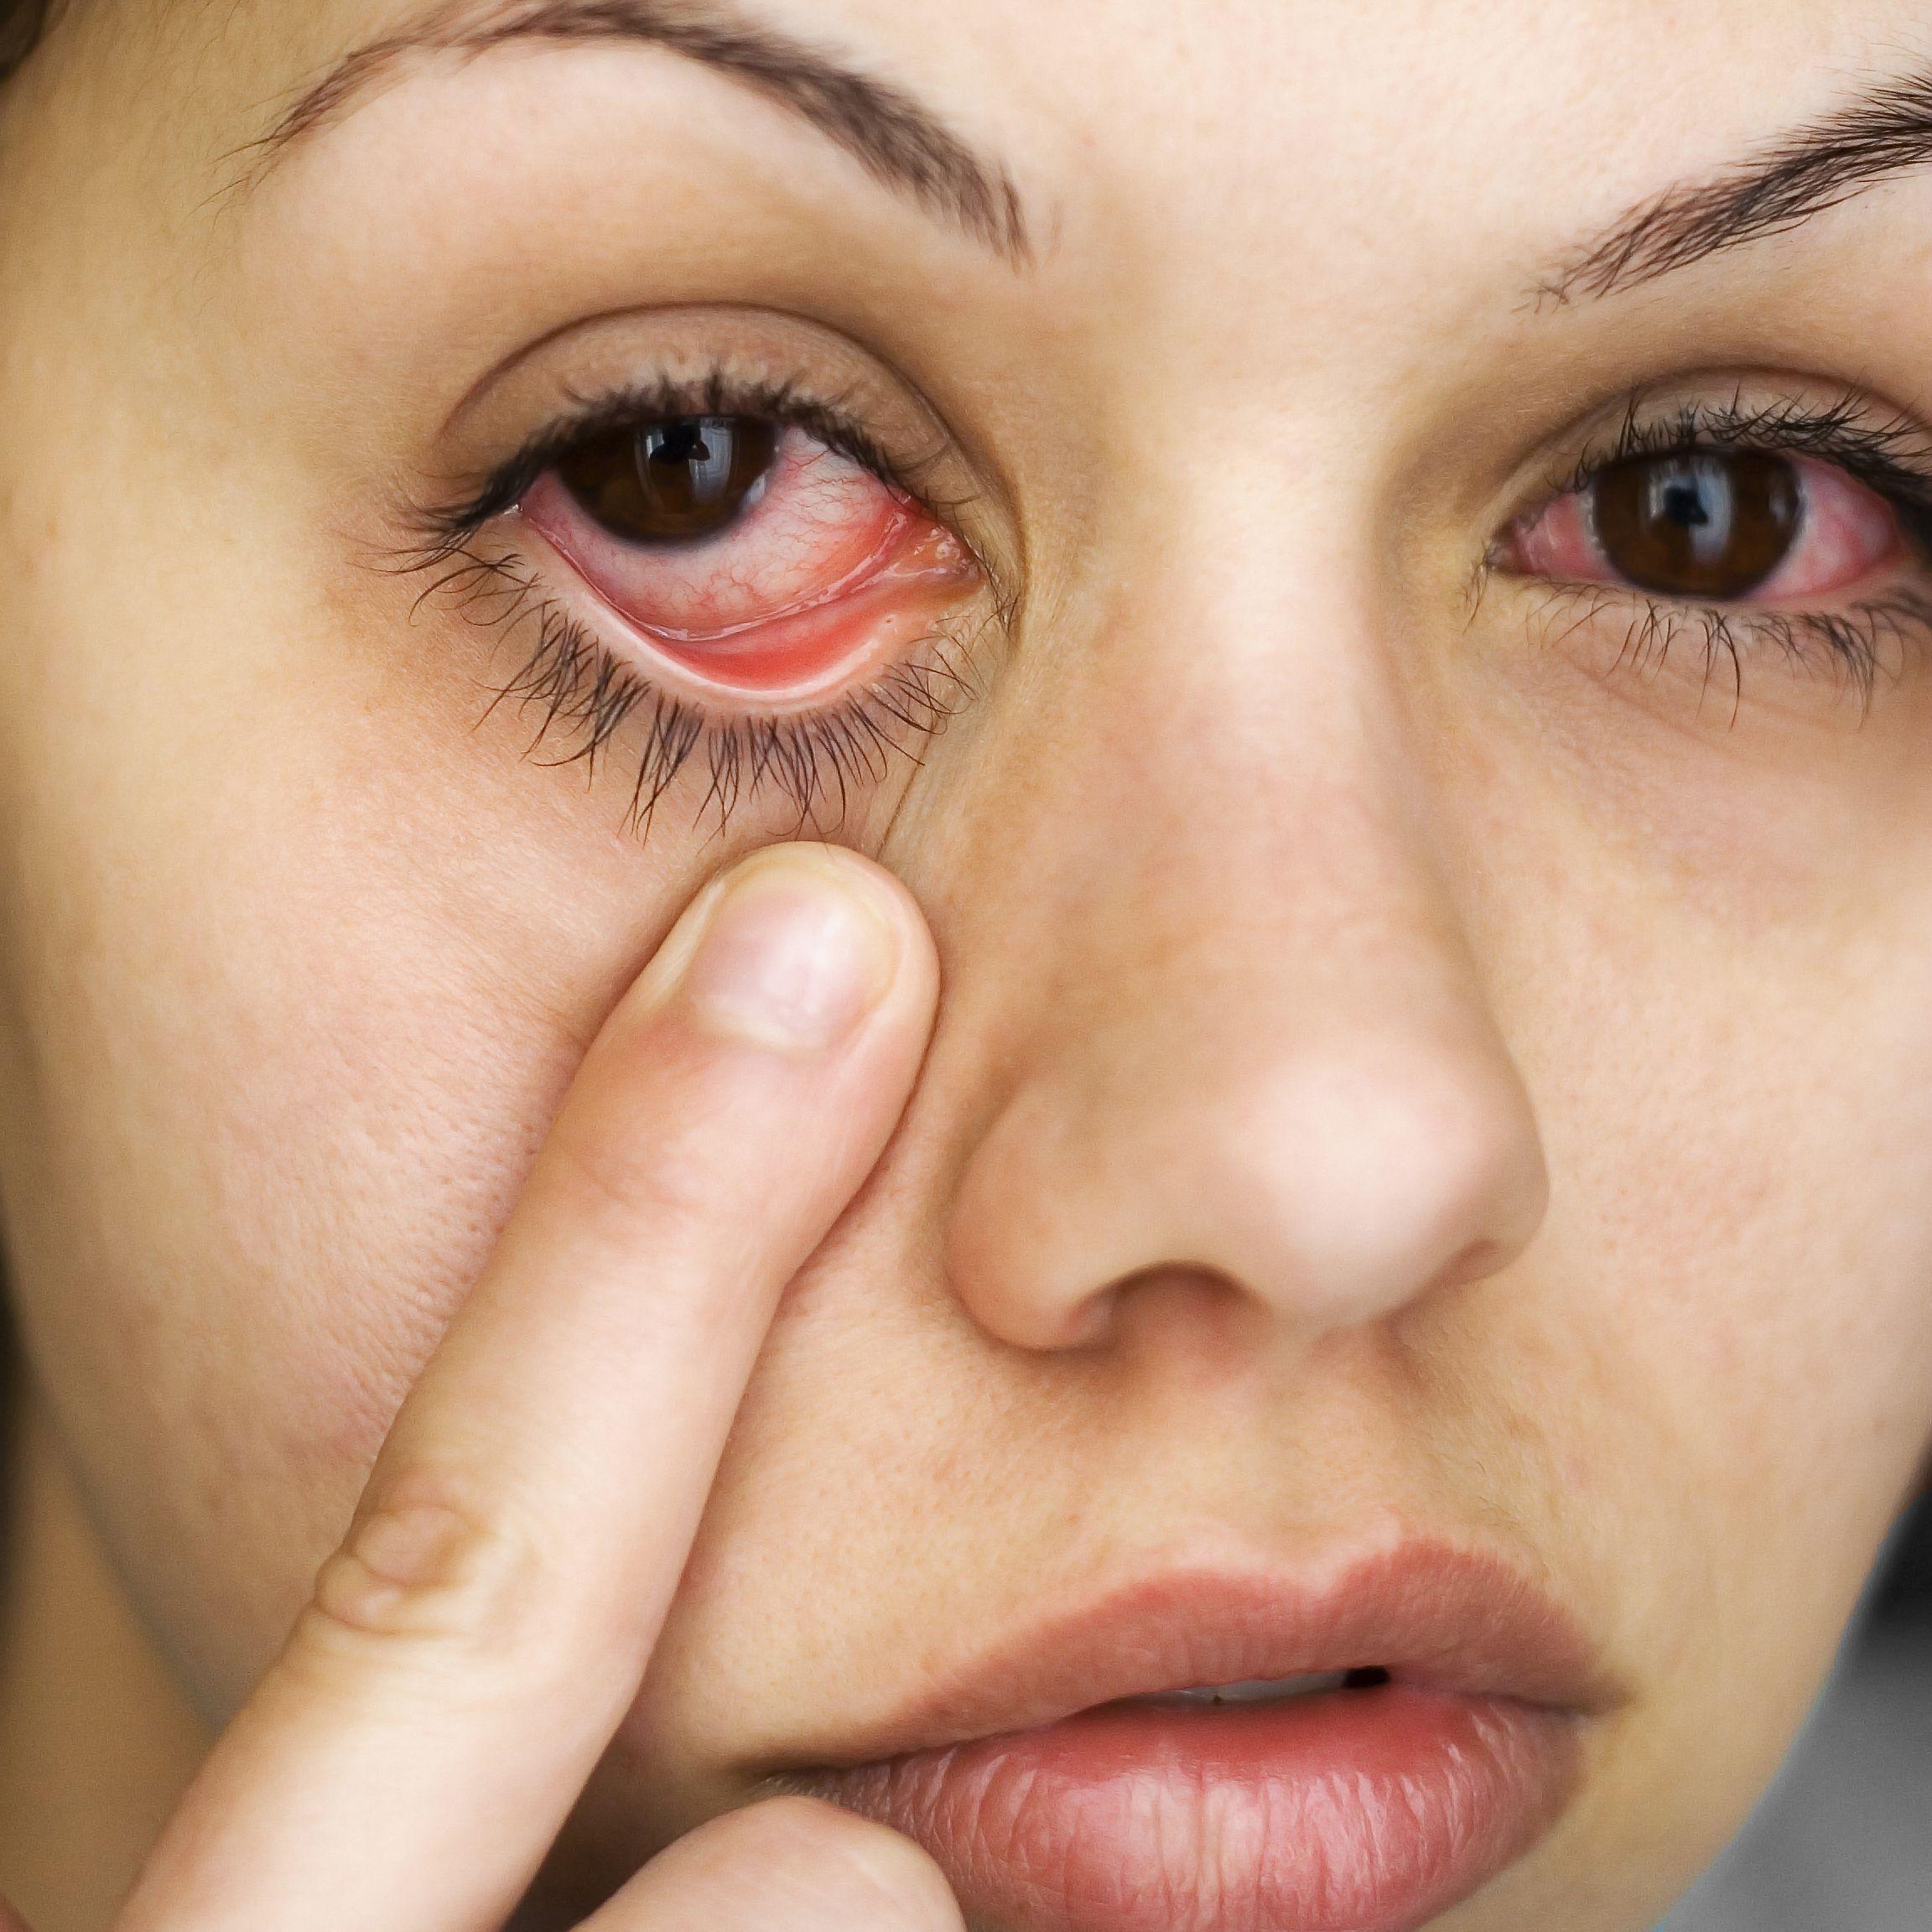 Какие недуги мы часто путаем с аллергией?